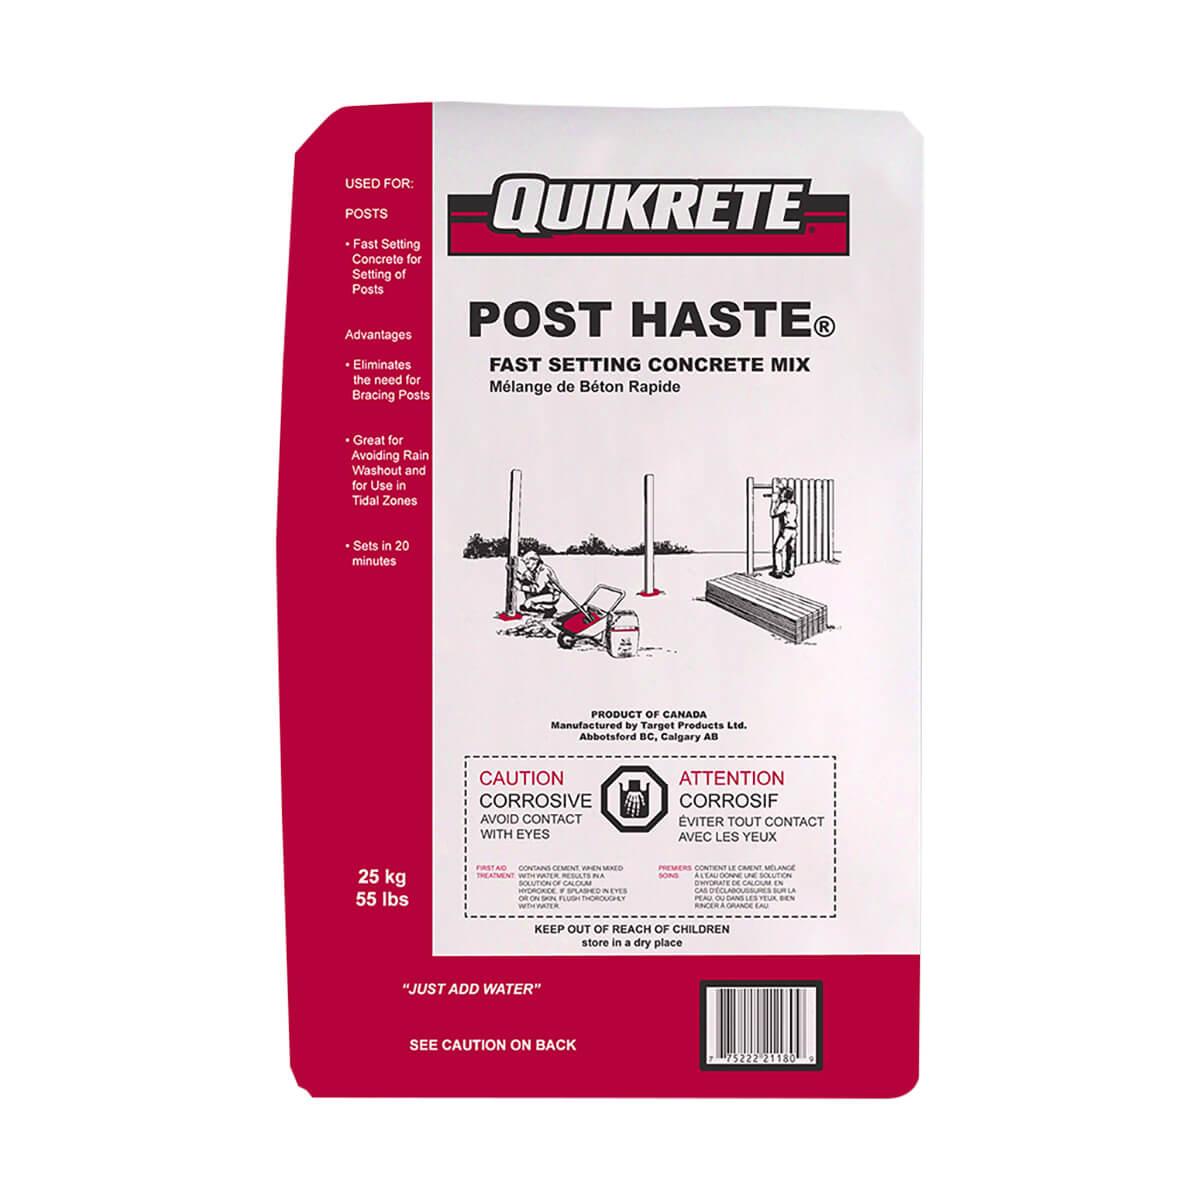 Post Haste Fast Setting Concrete Mix Quickrete - 25 kg